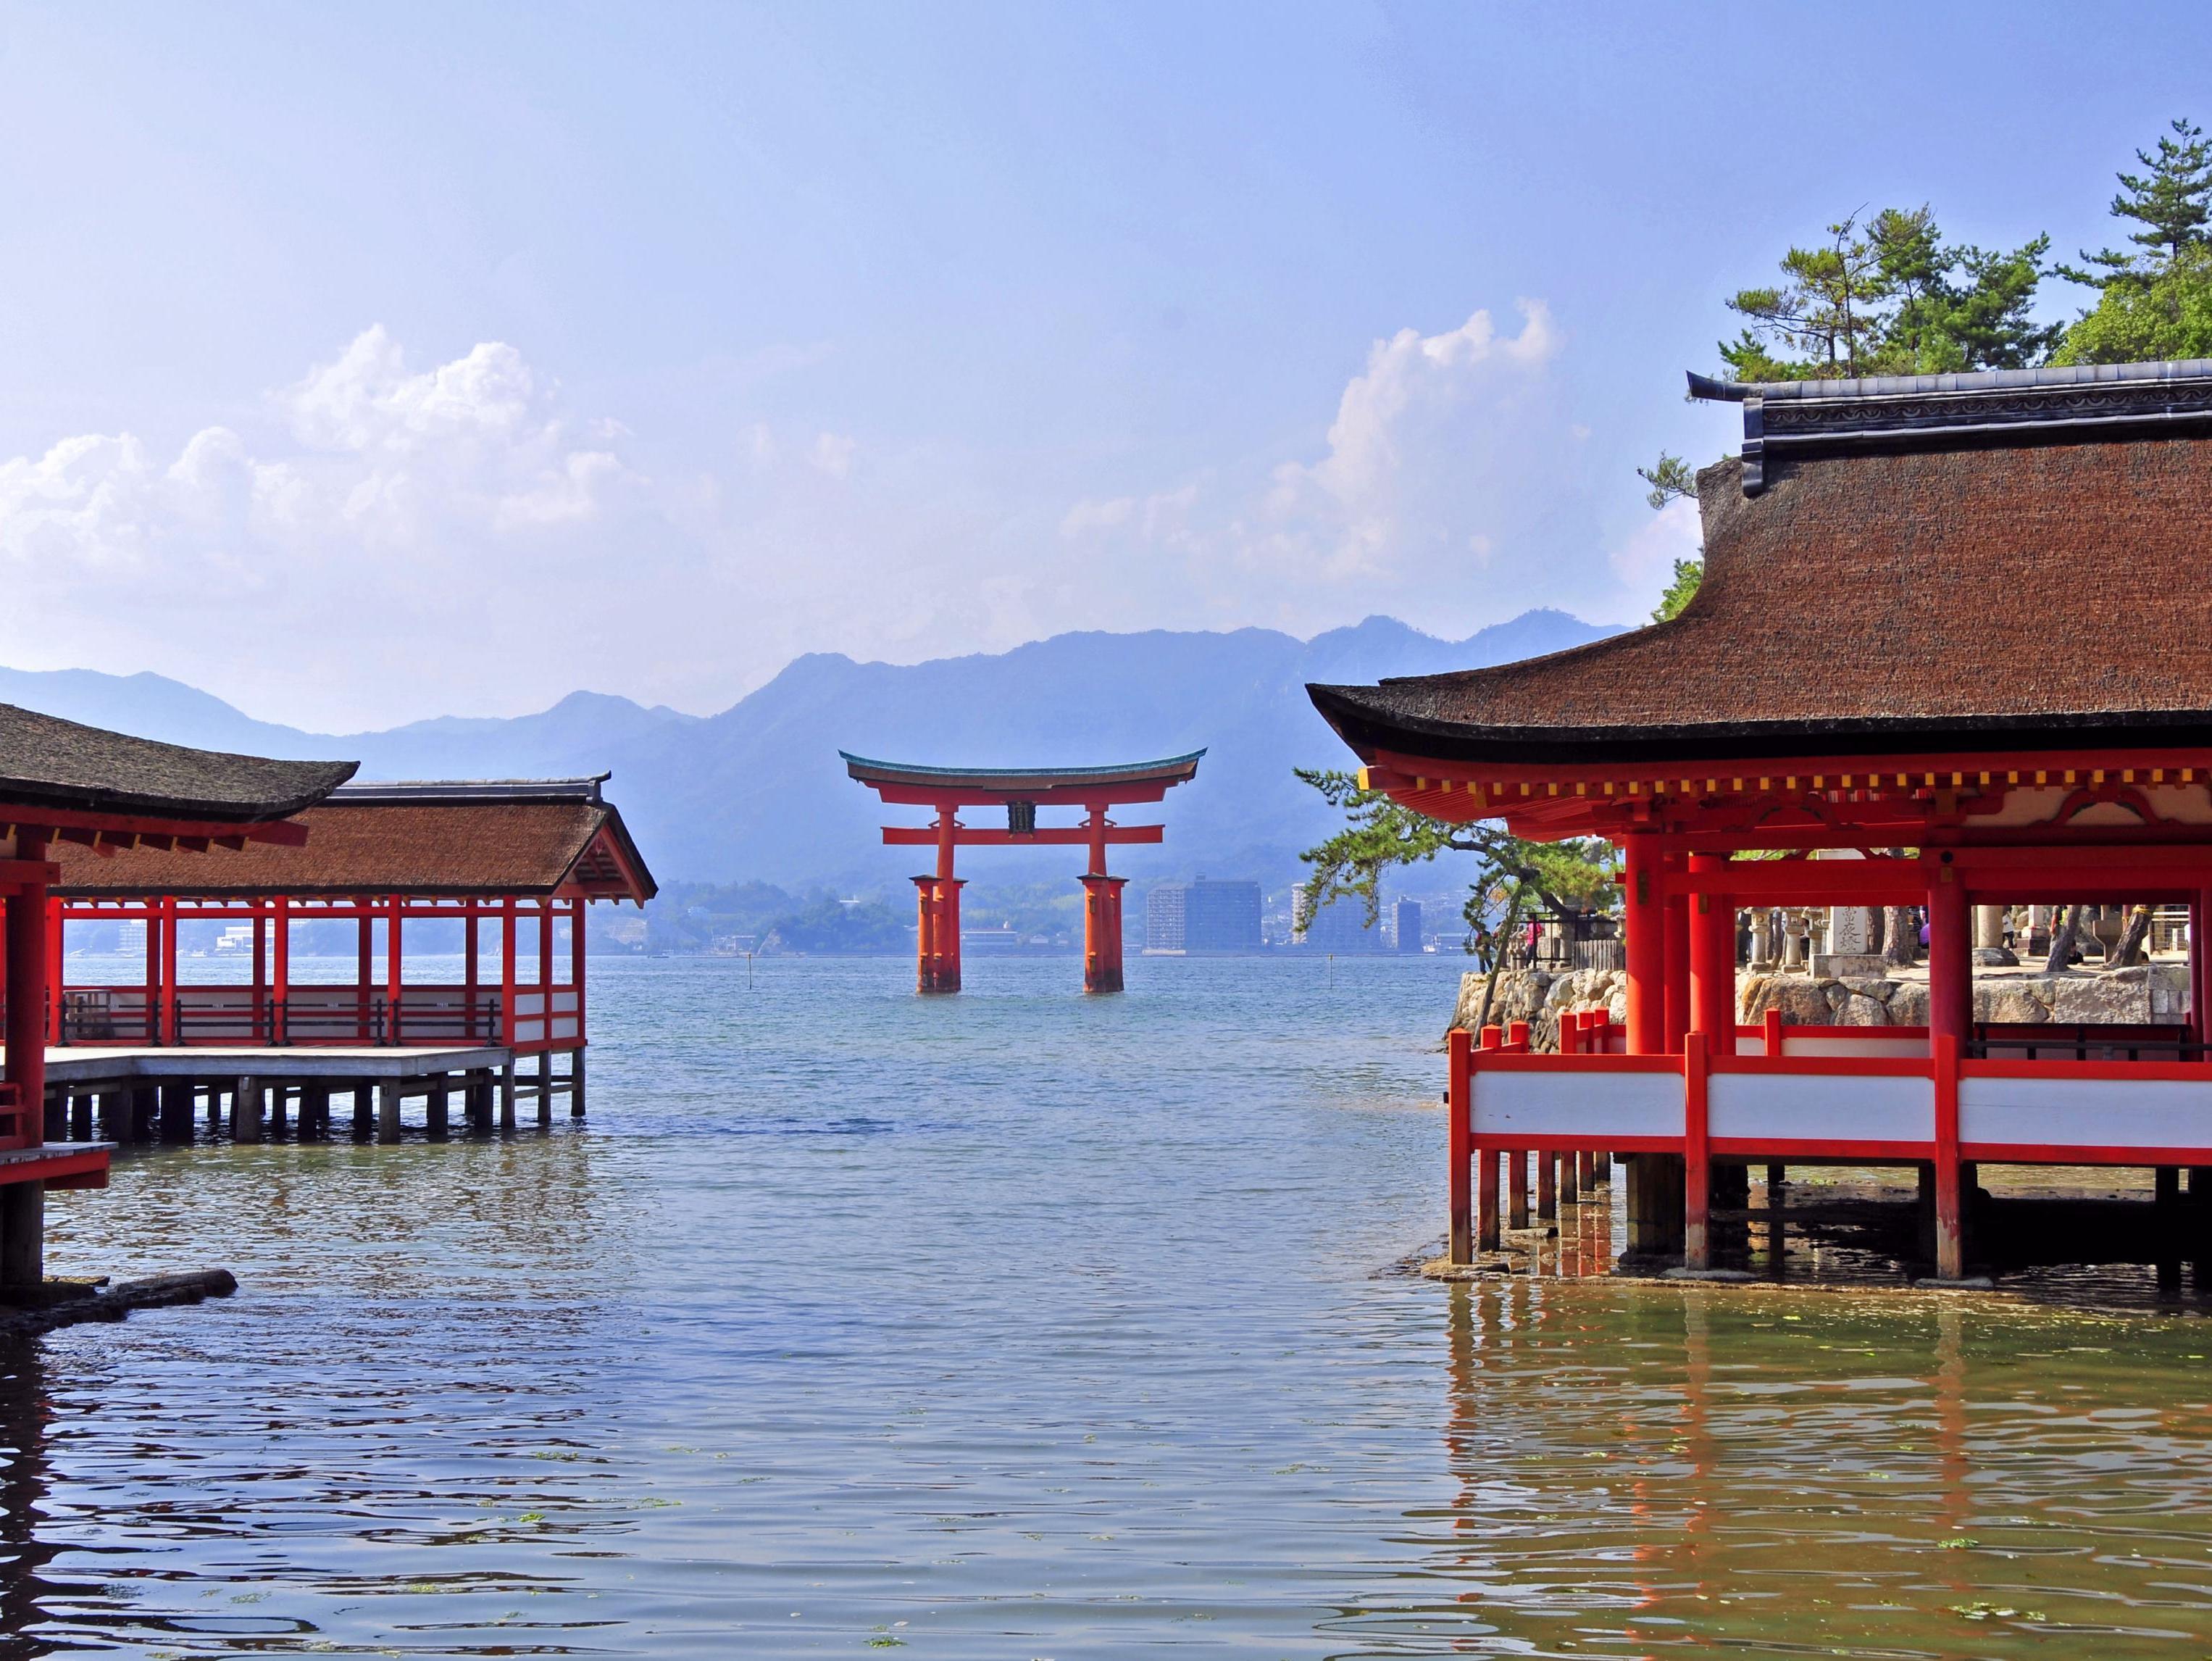 """2017在校學生辦理日本旅游簽證所需材料及辦理流程"""""""